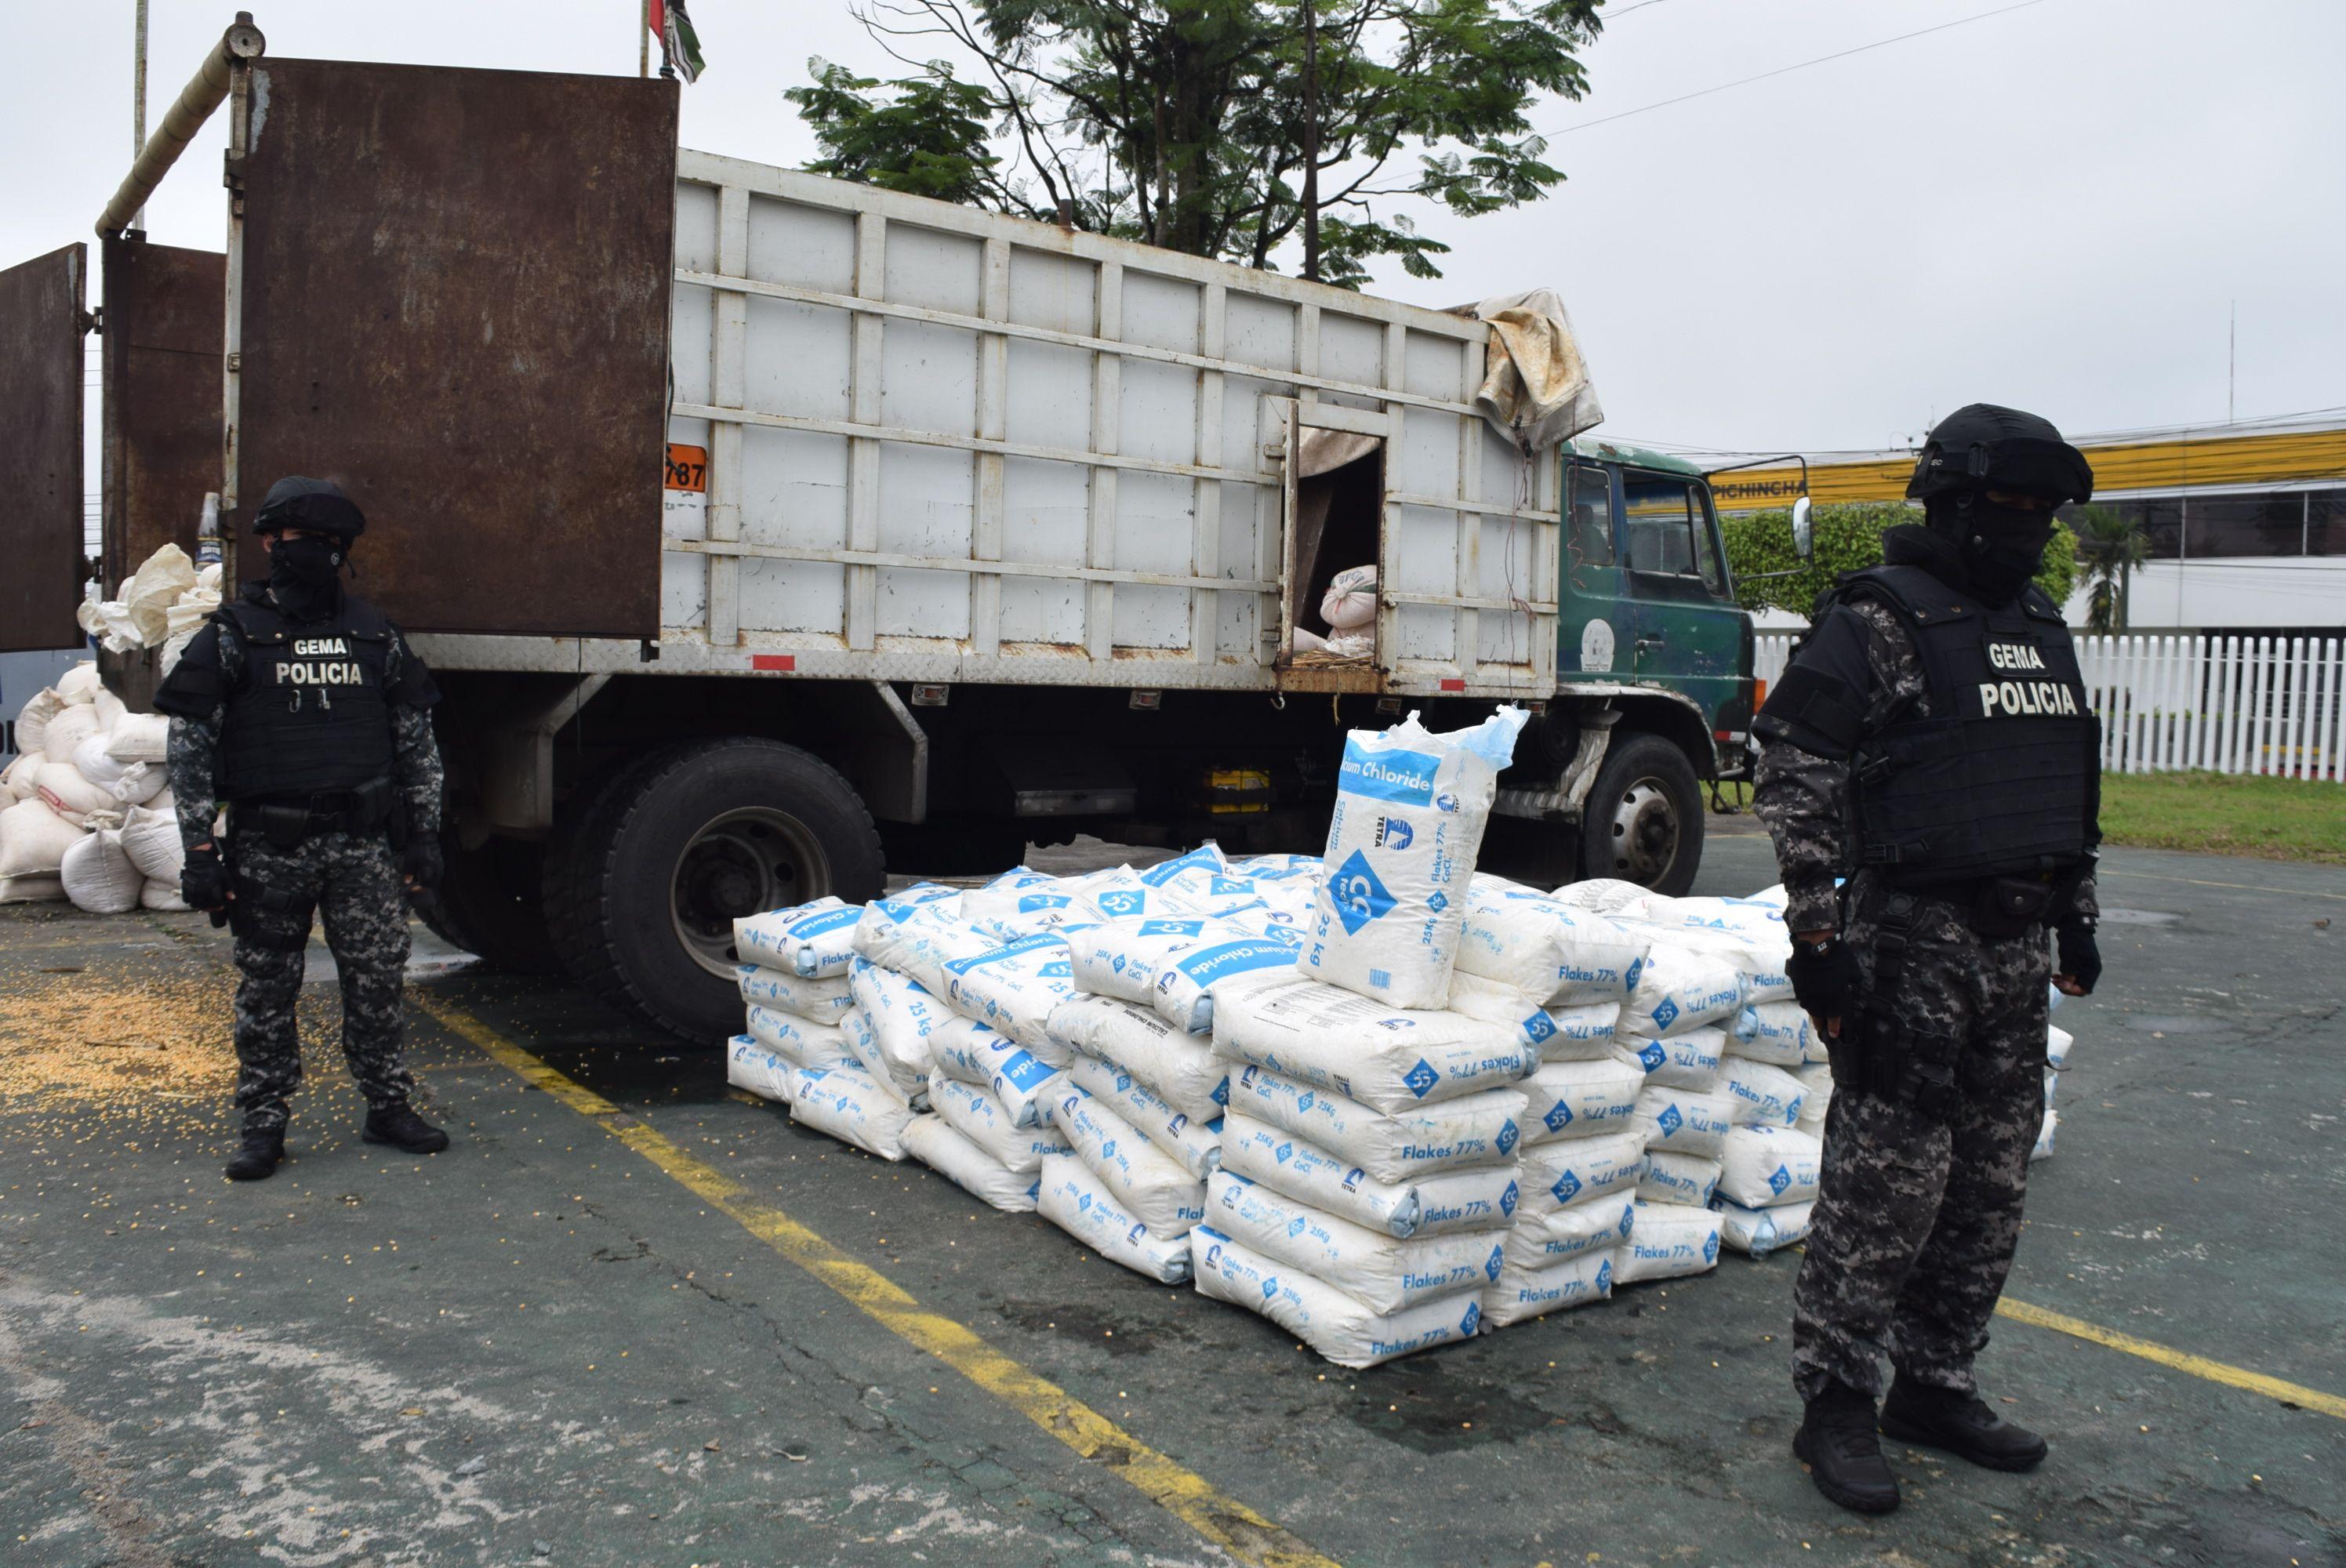 Photo of Químicos para hacer droga estaban camuflados en maíz